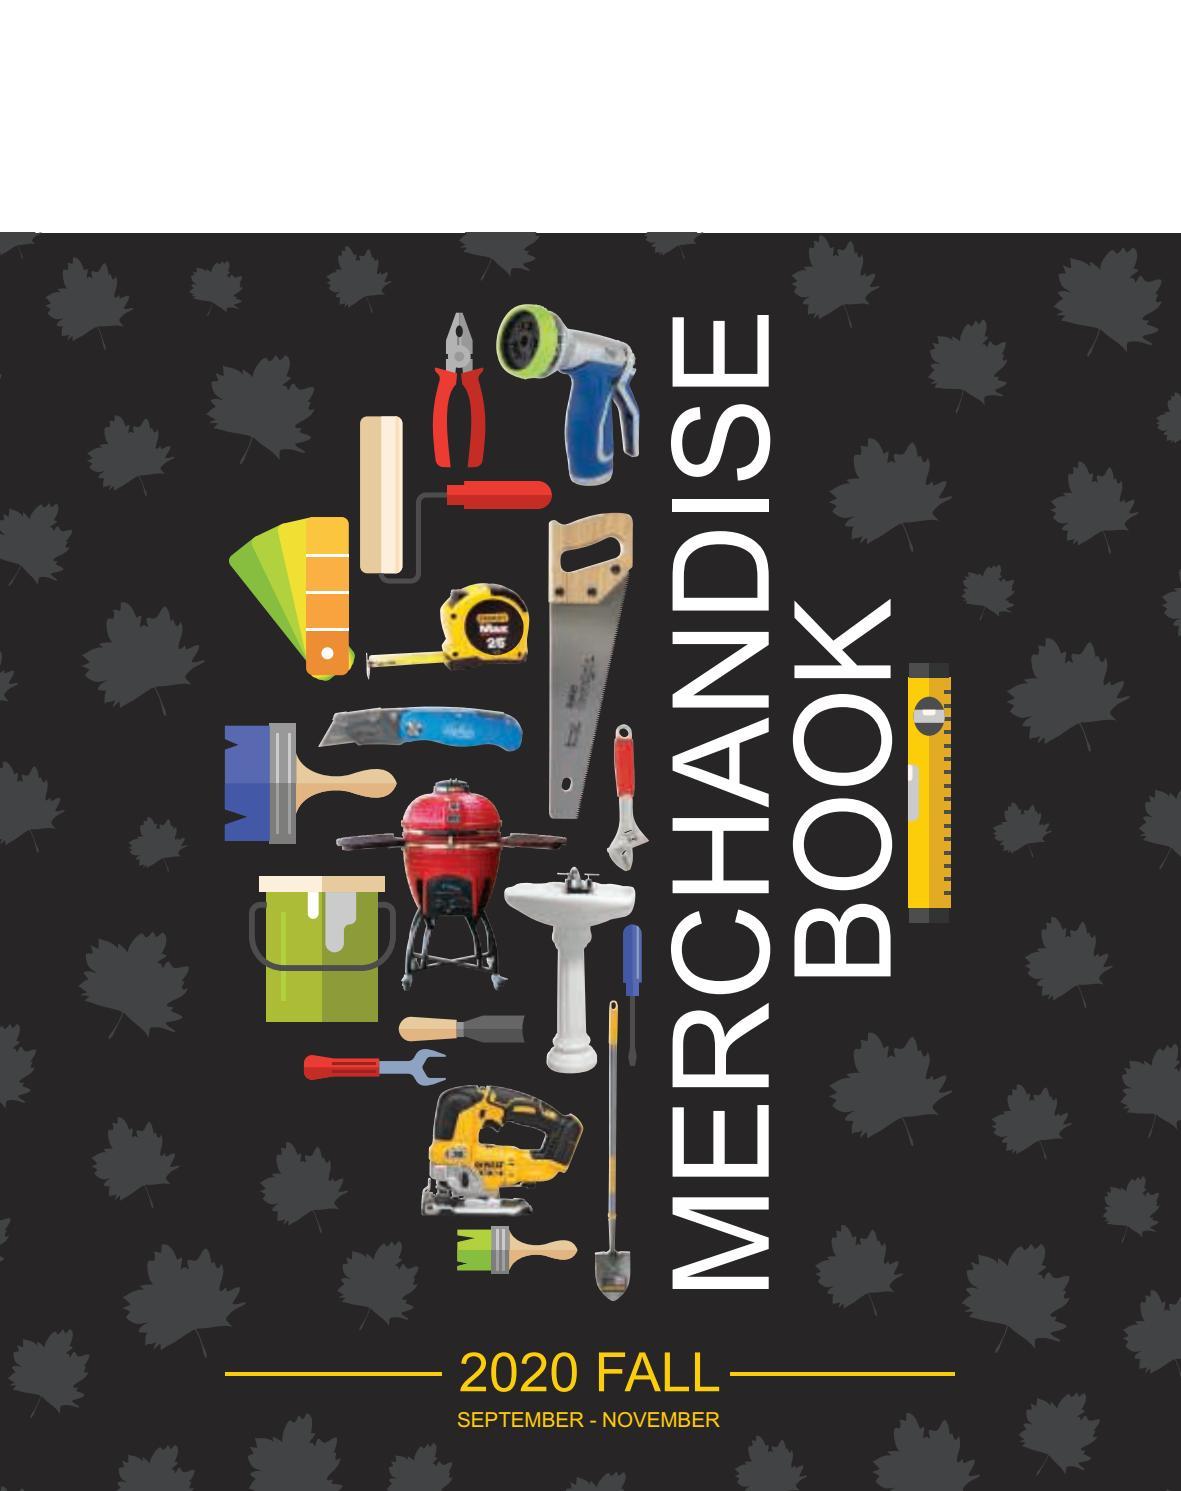 Fall Merchandise Book 2020 by Meek Lumber Company - issuu